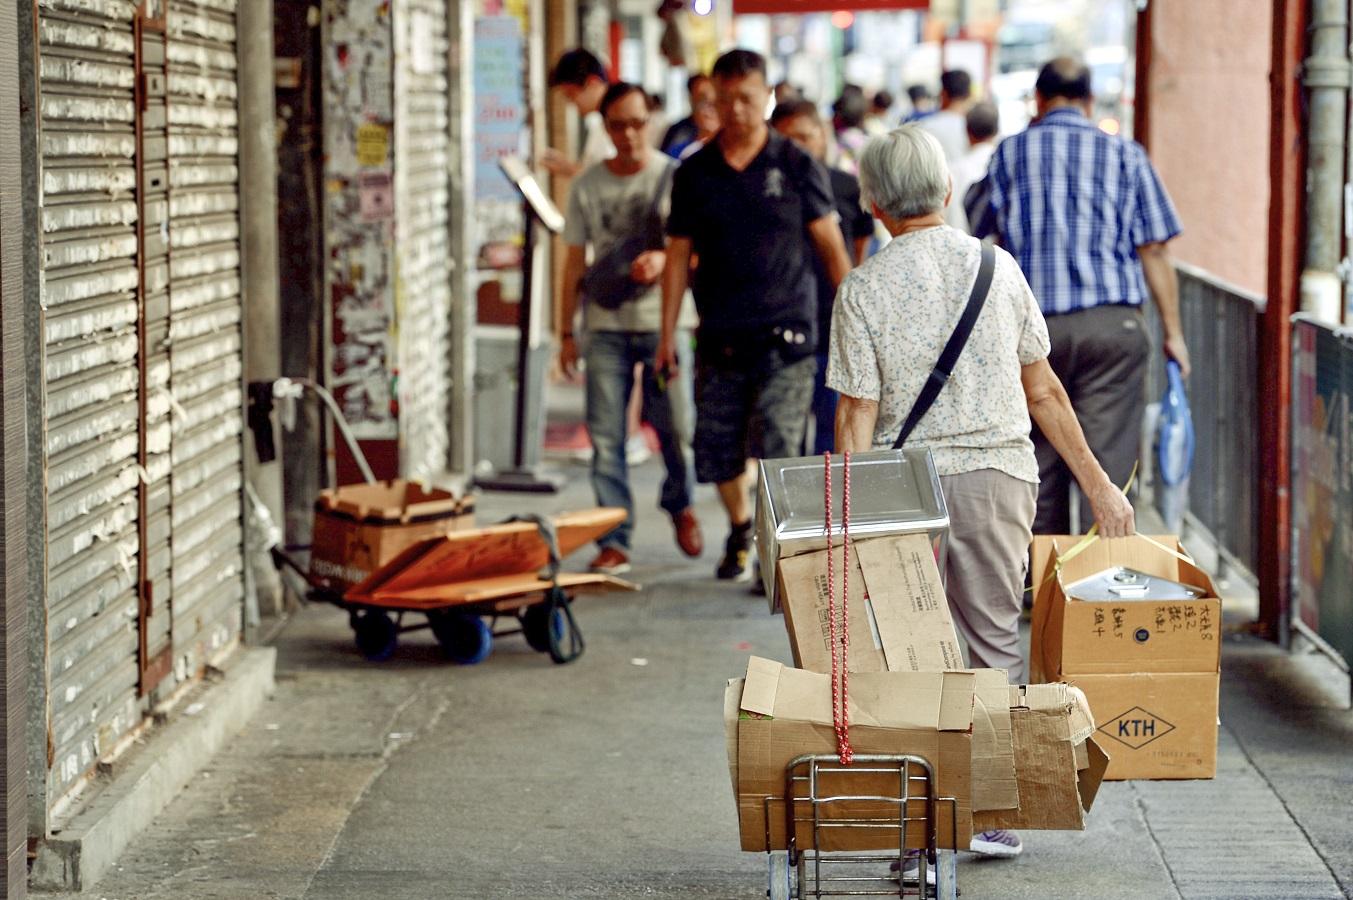 罗致光:综援脱贫效果下降 增公屋可加强扶贫效果